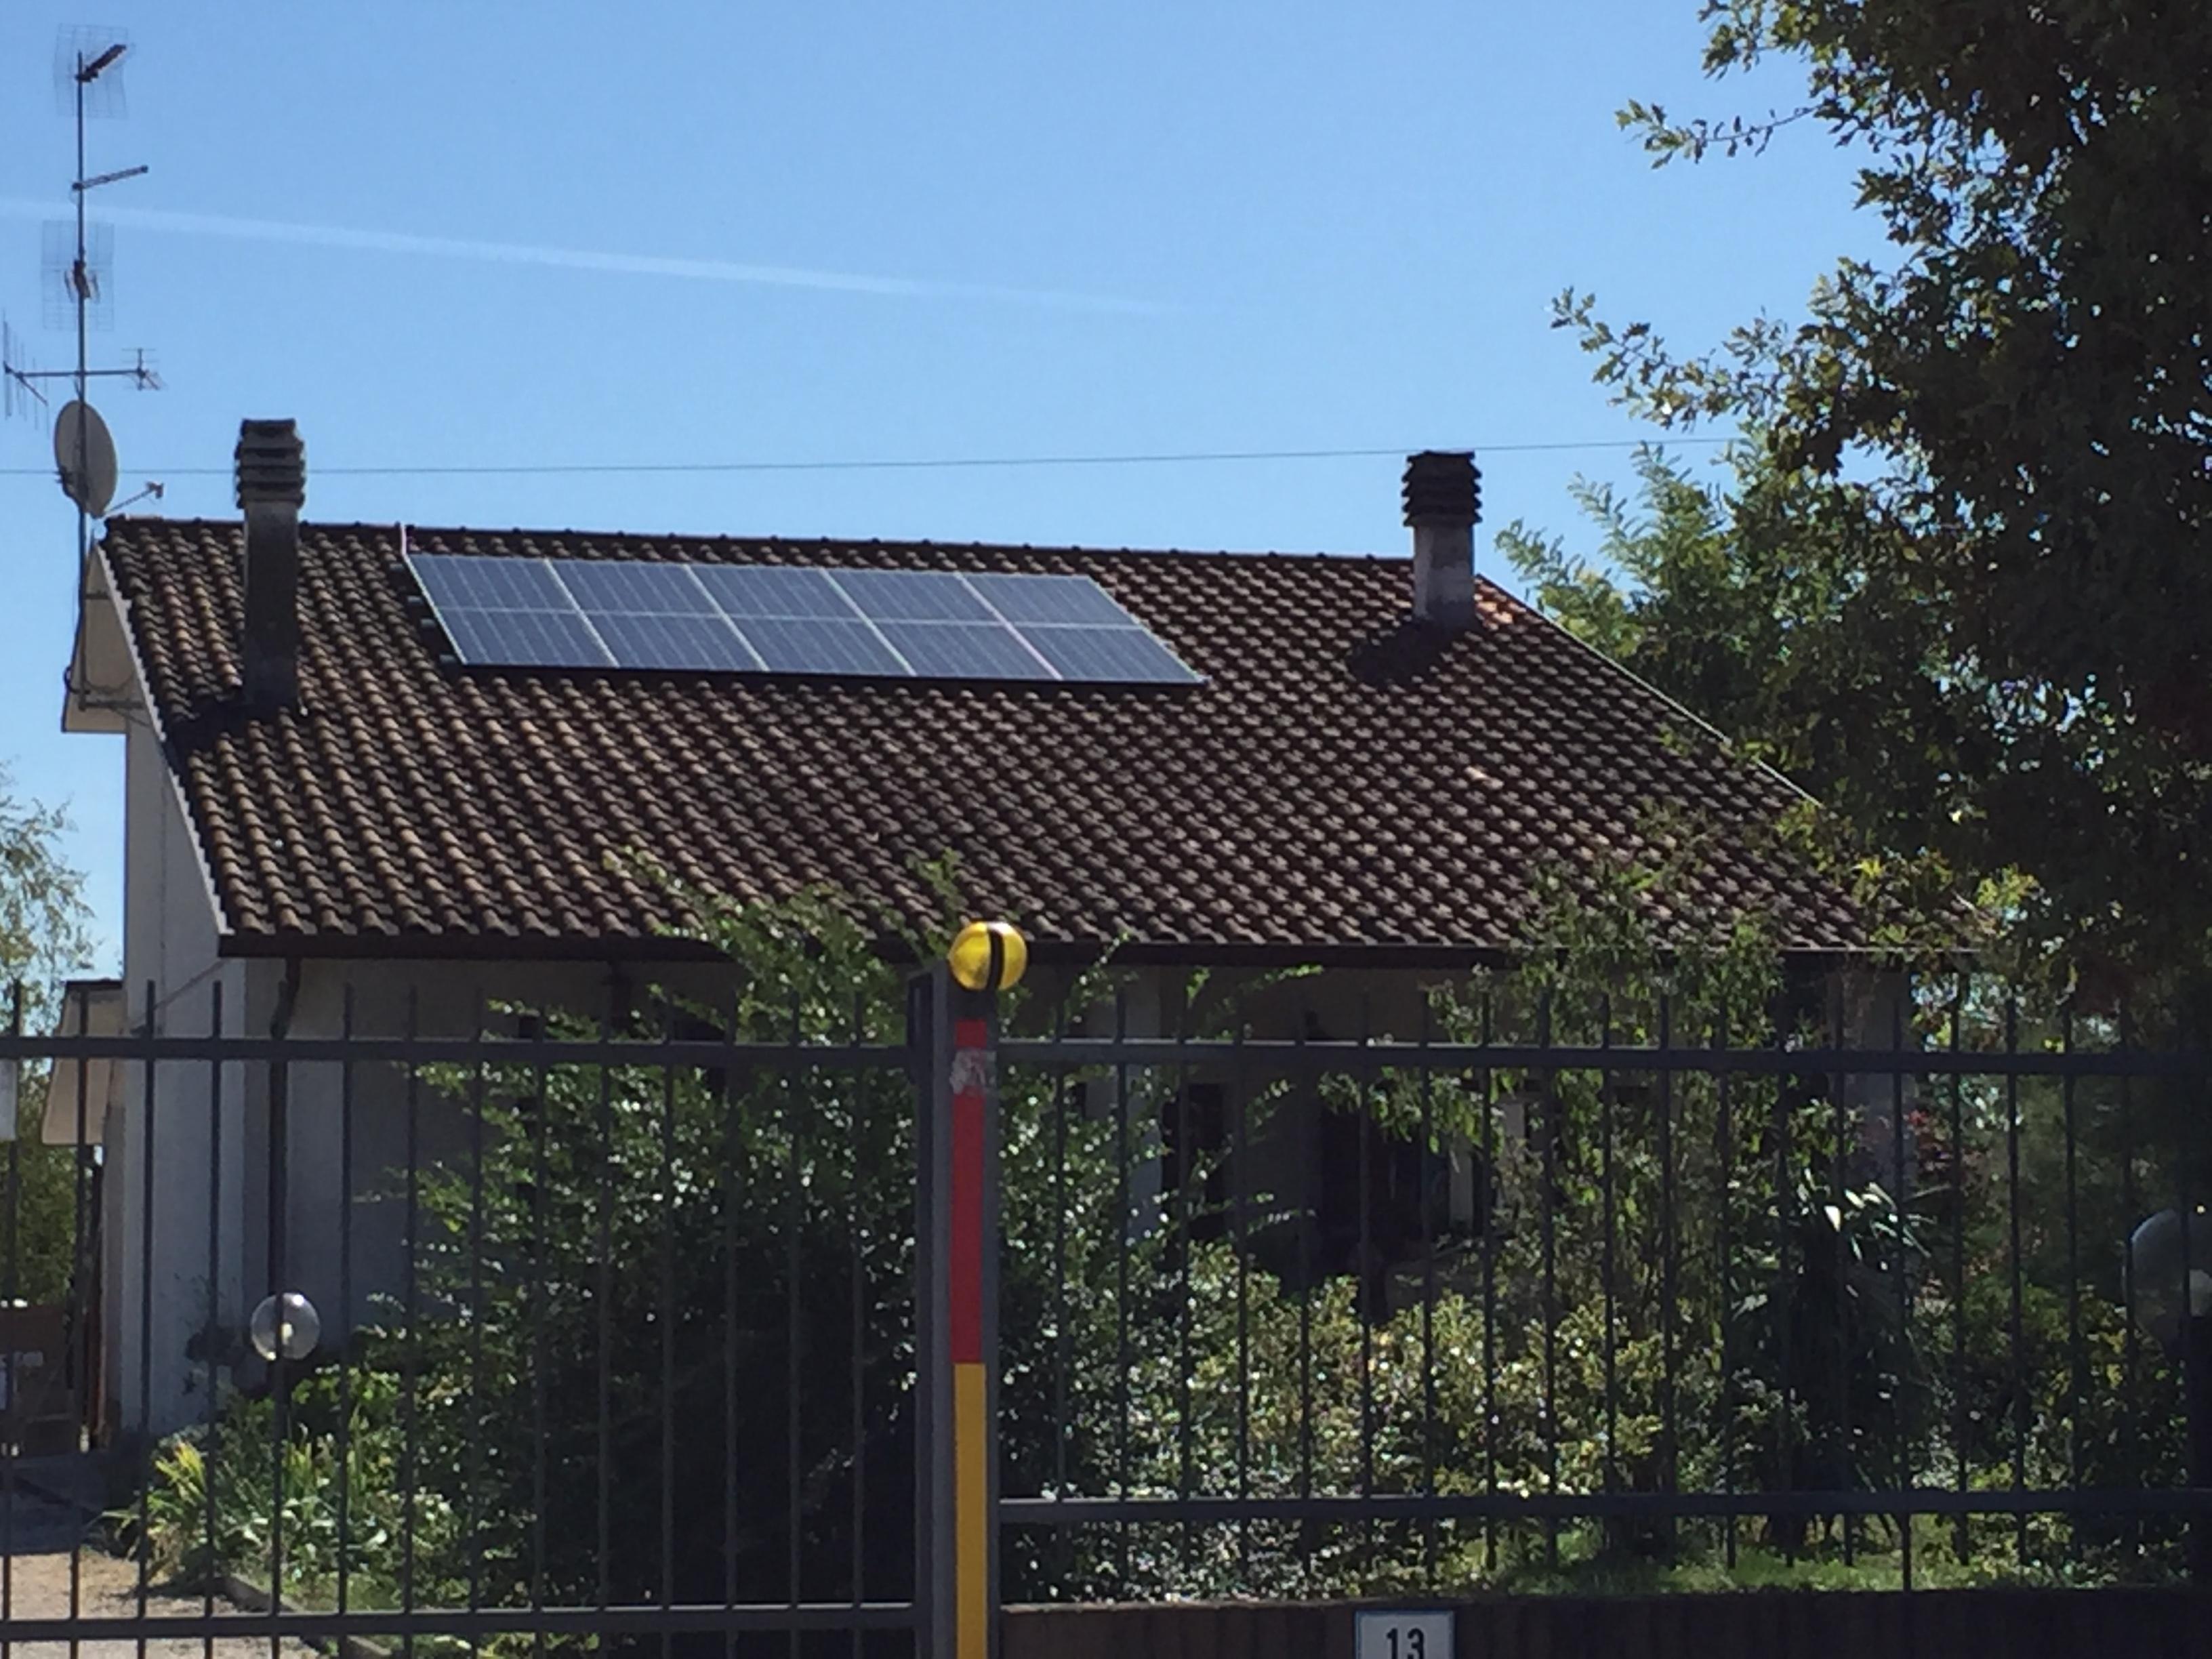 Impianto Fotovoltaico da 4,8kWp- Forlì (FC) - soetech.it